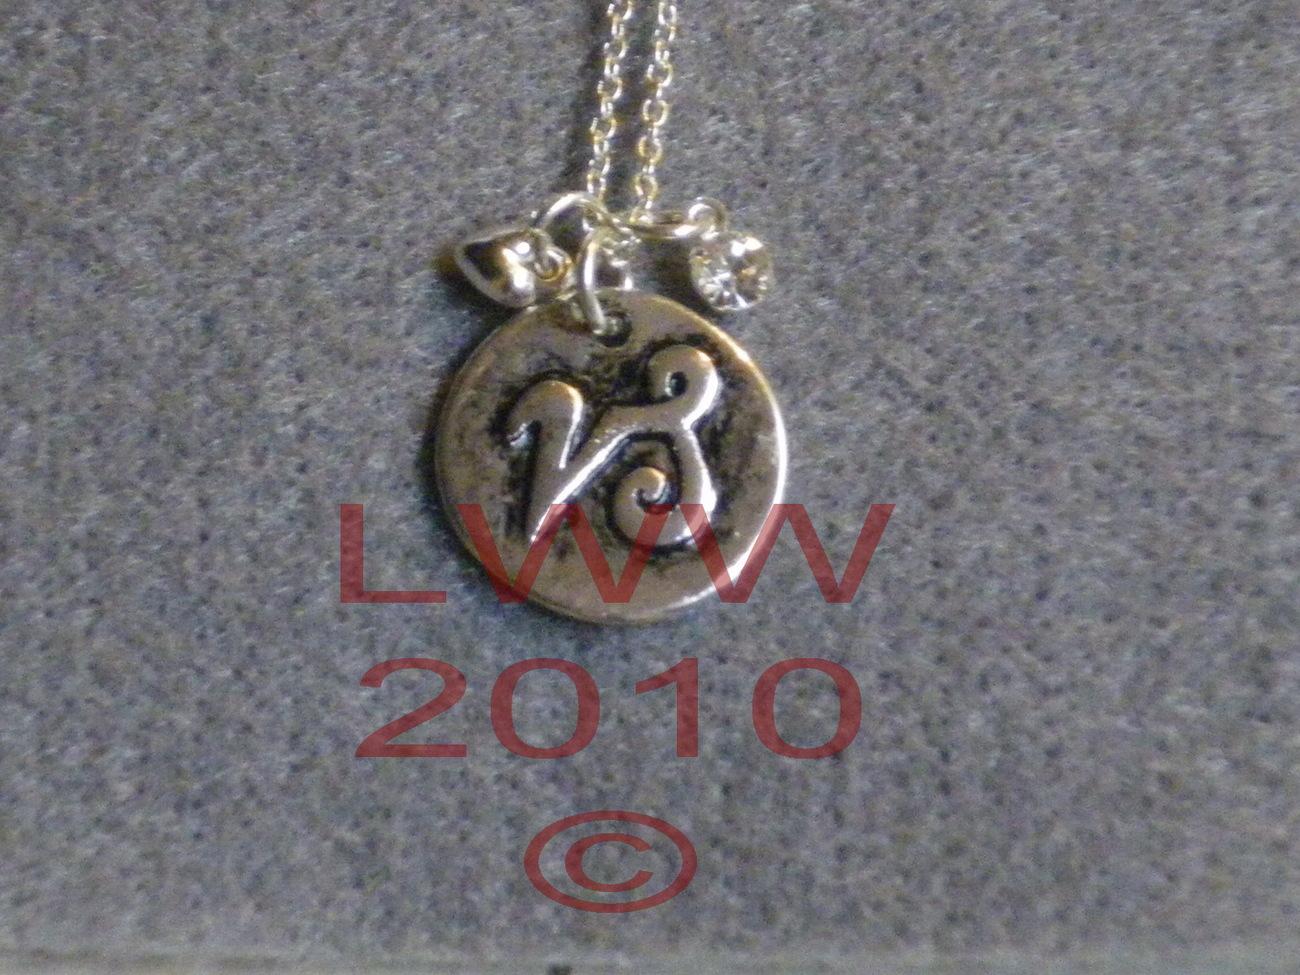 Capricorn Zodiac Charm Necklace Pendant & Chain New Bonanza